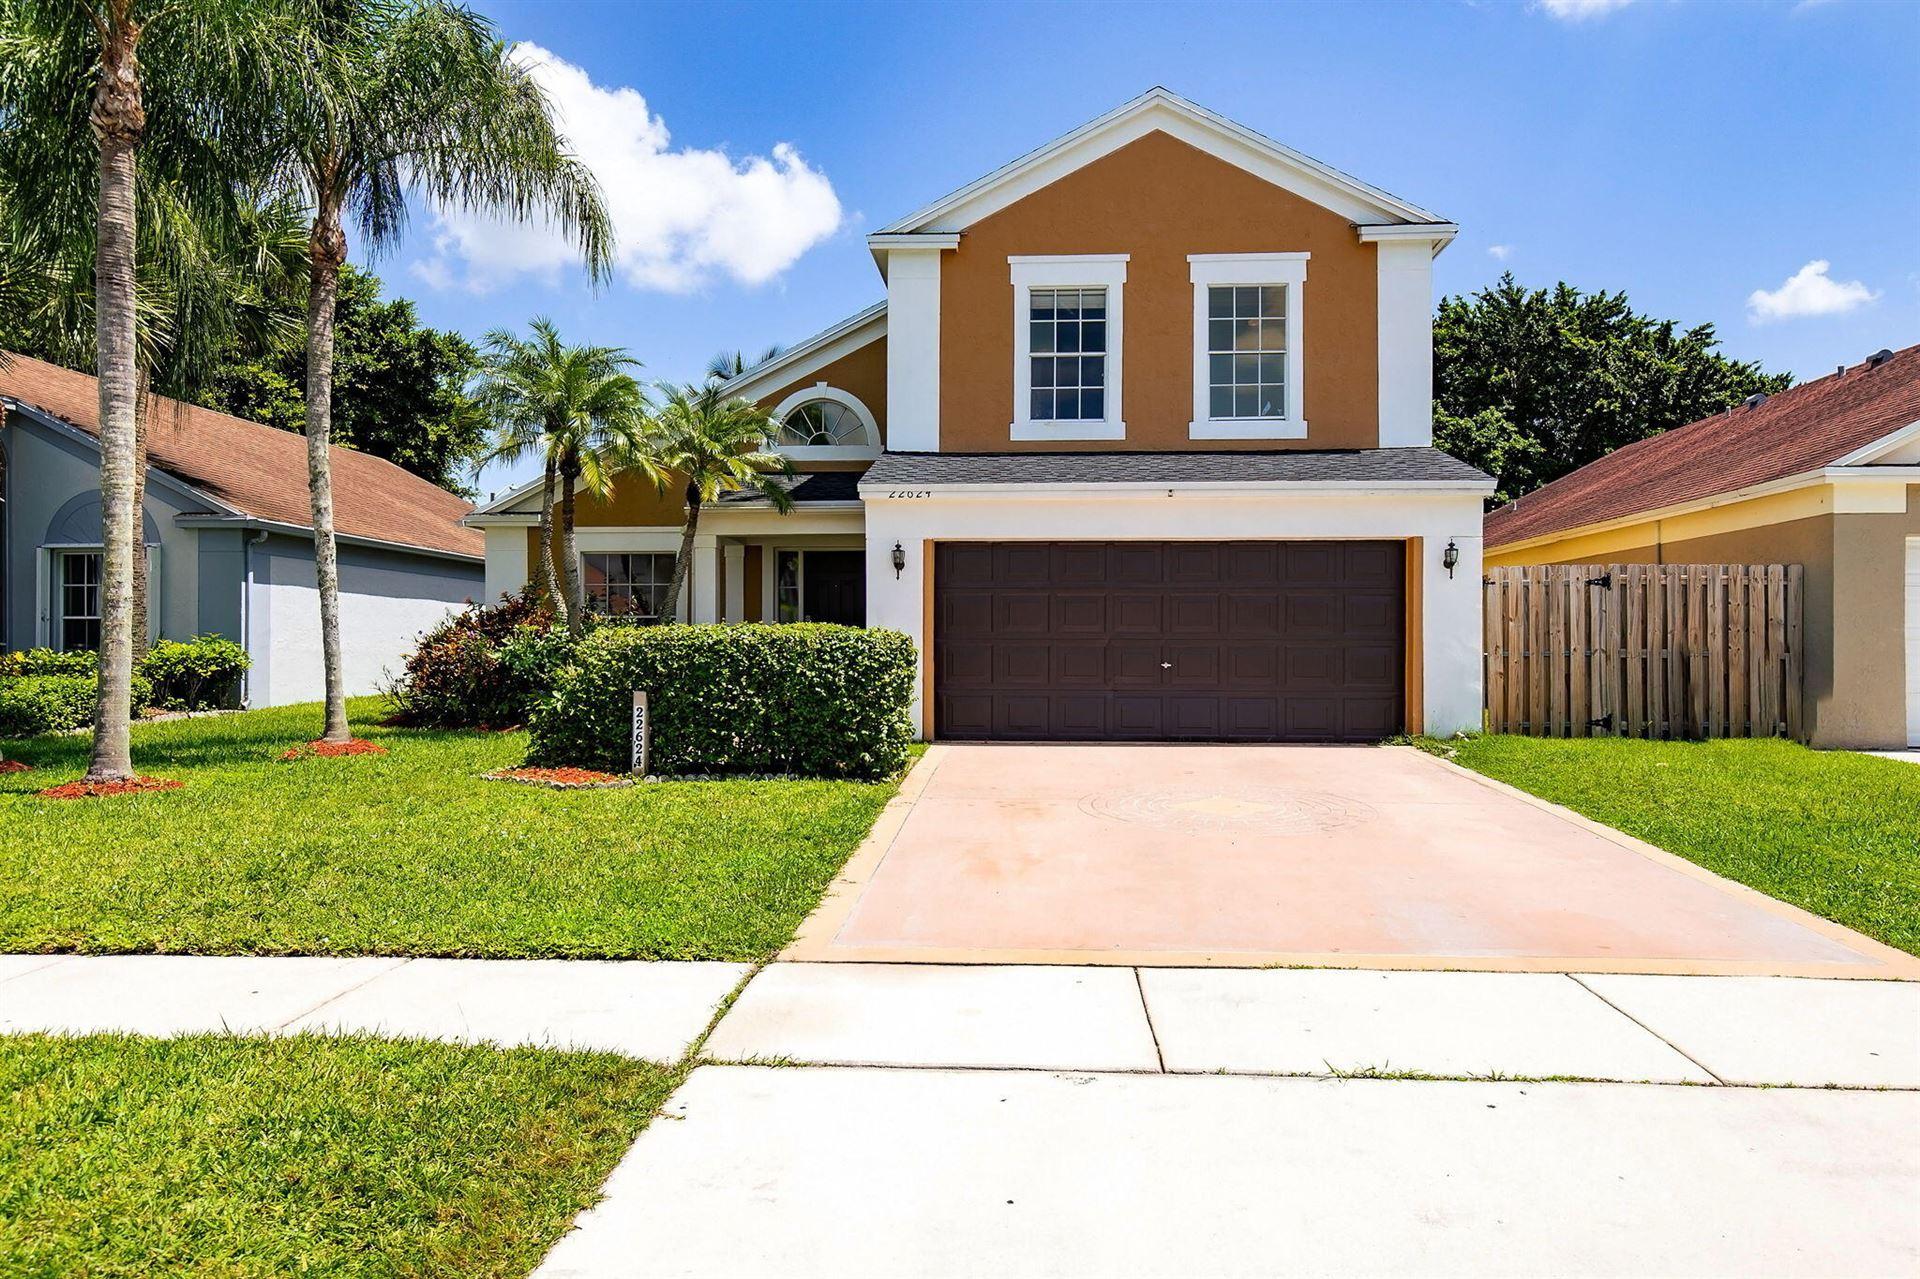 22624 Middletown Drive, Boca Raton, FL 33428 - #: RX-10744910